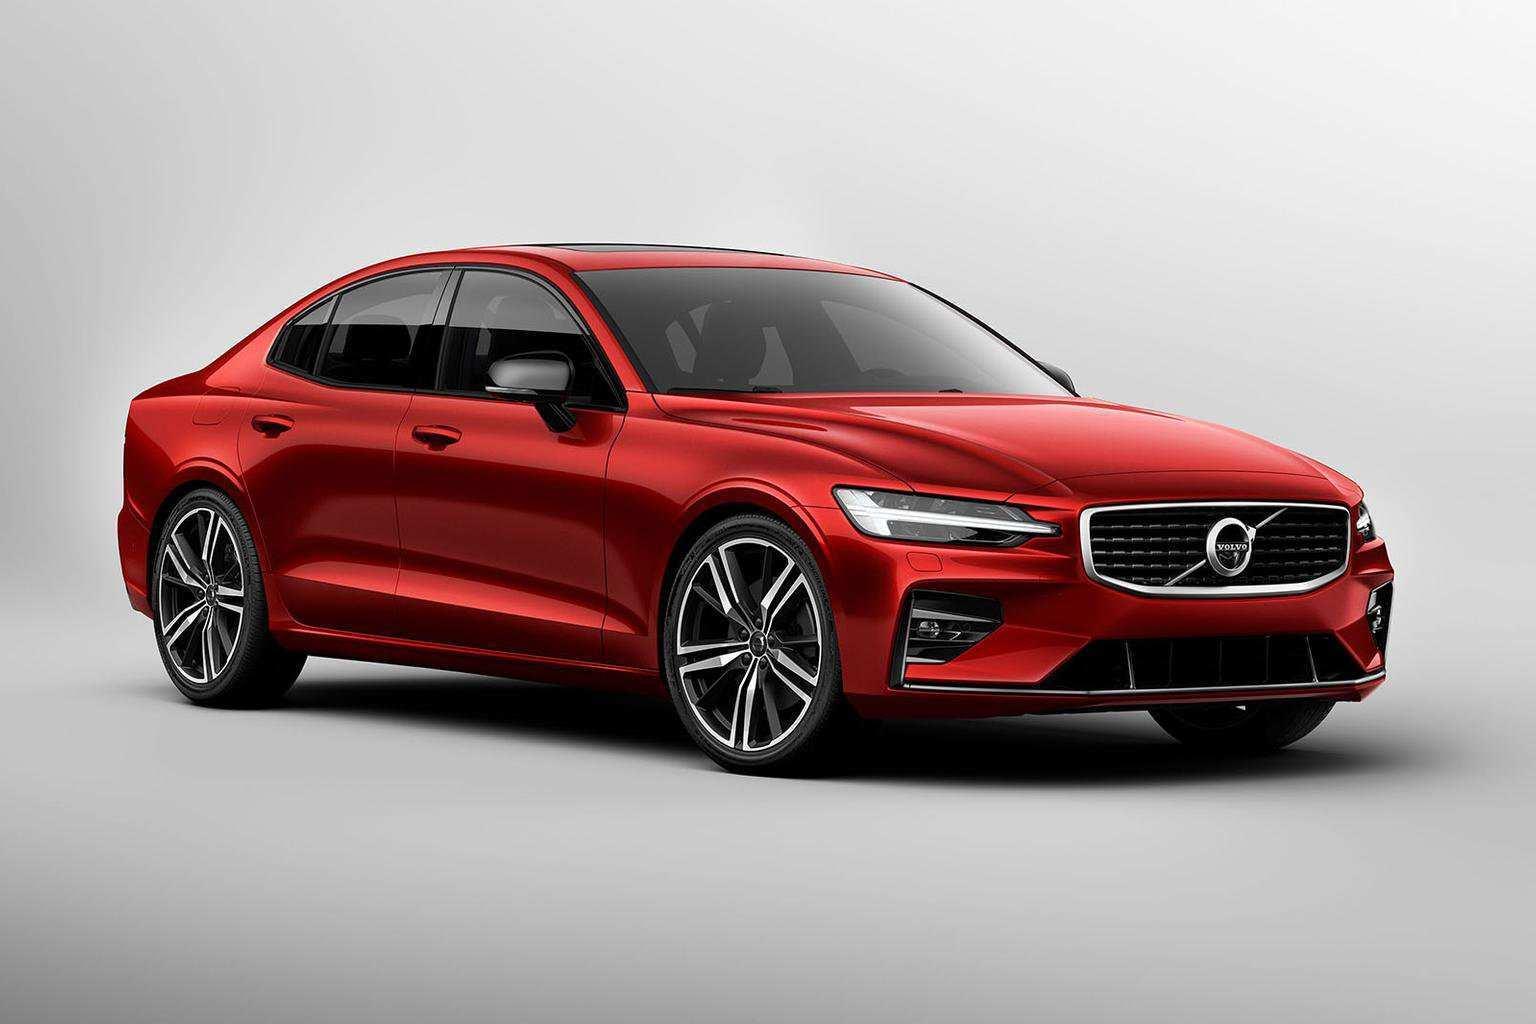 81 Best Review 2019 Volvo V60 Price History for 2019 Volvo V60 Price